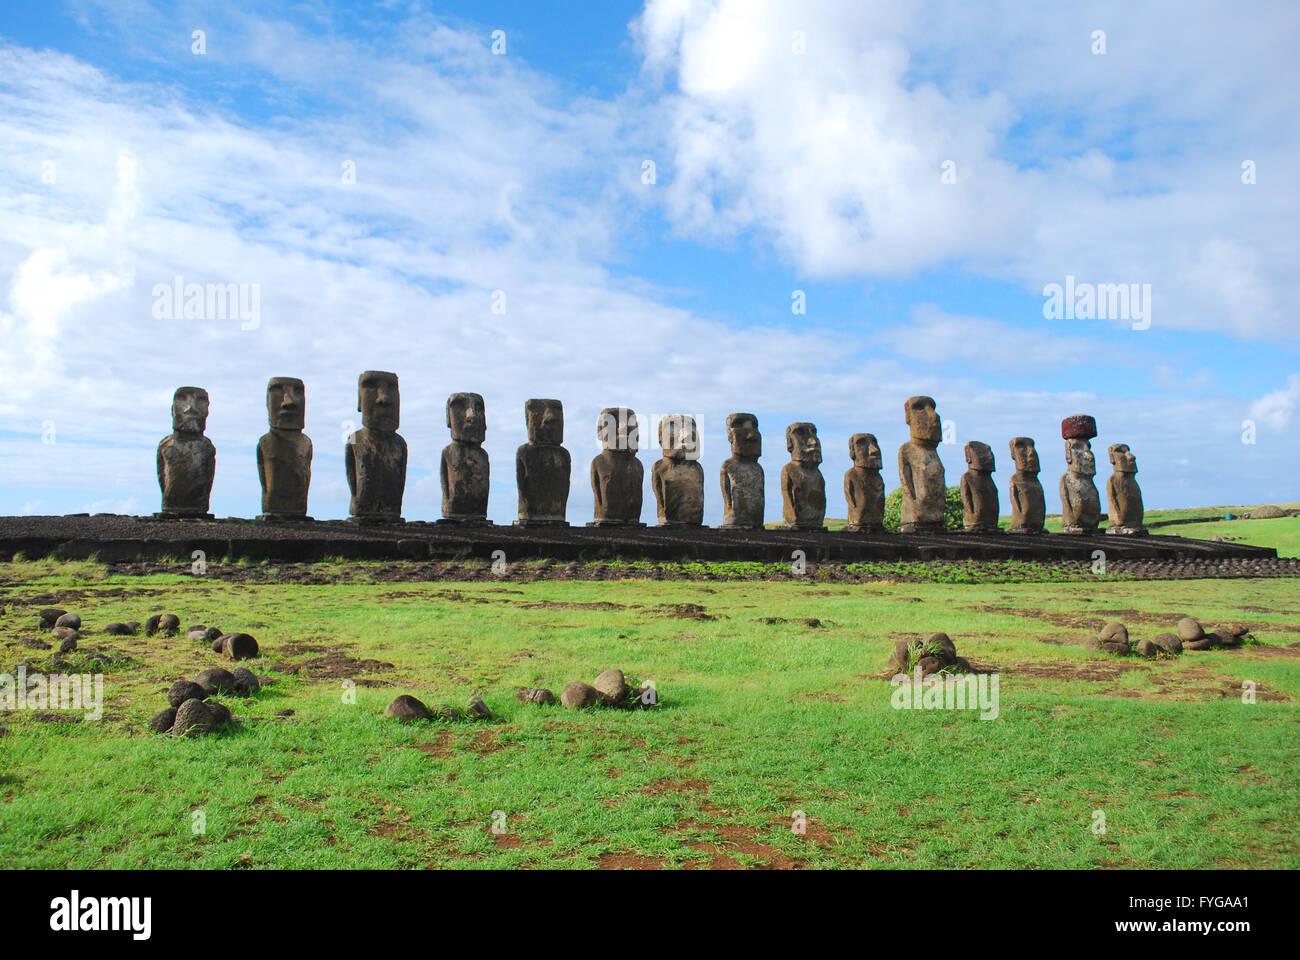 Estatuas Moái en Ahu Tongariki, Isla de Pascua, Chile Imagen De Stock